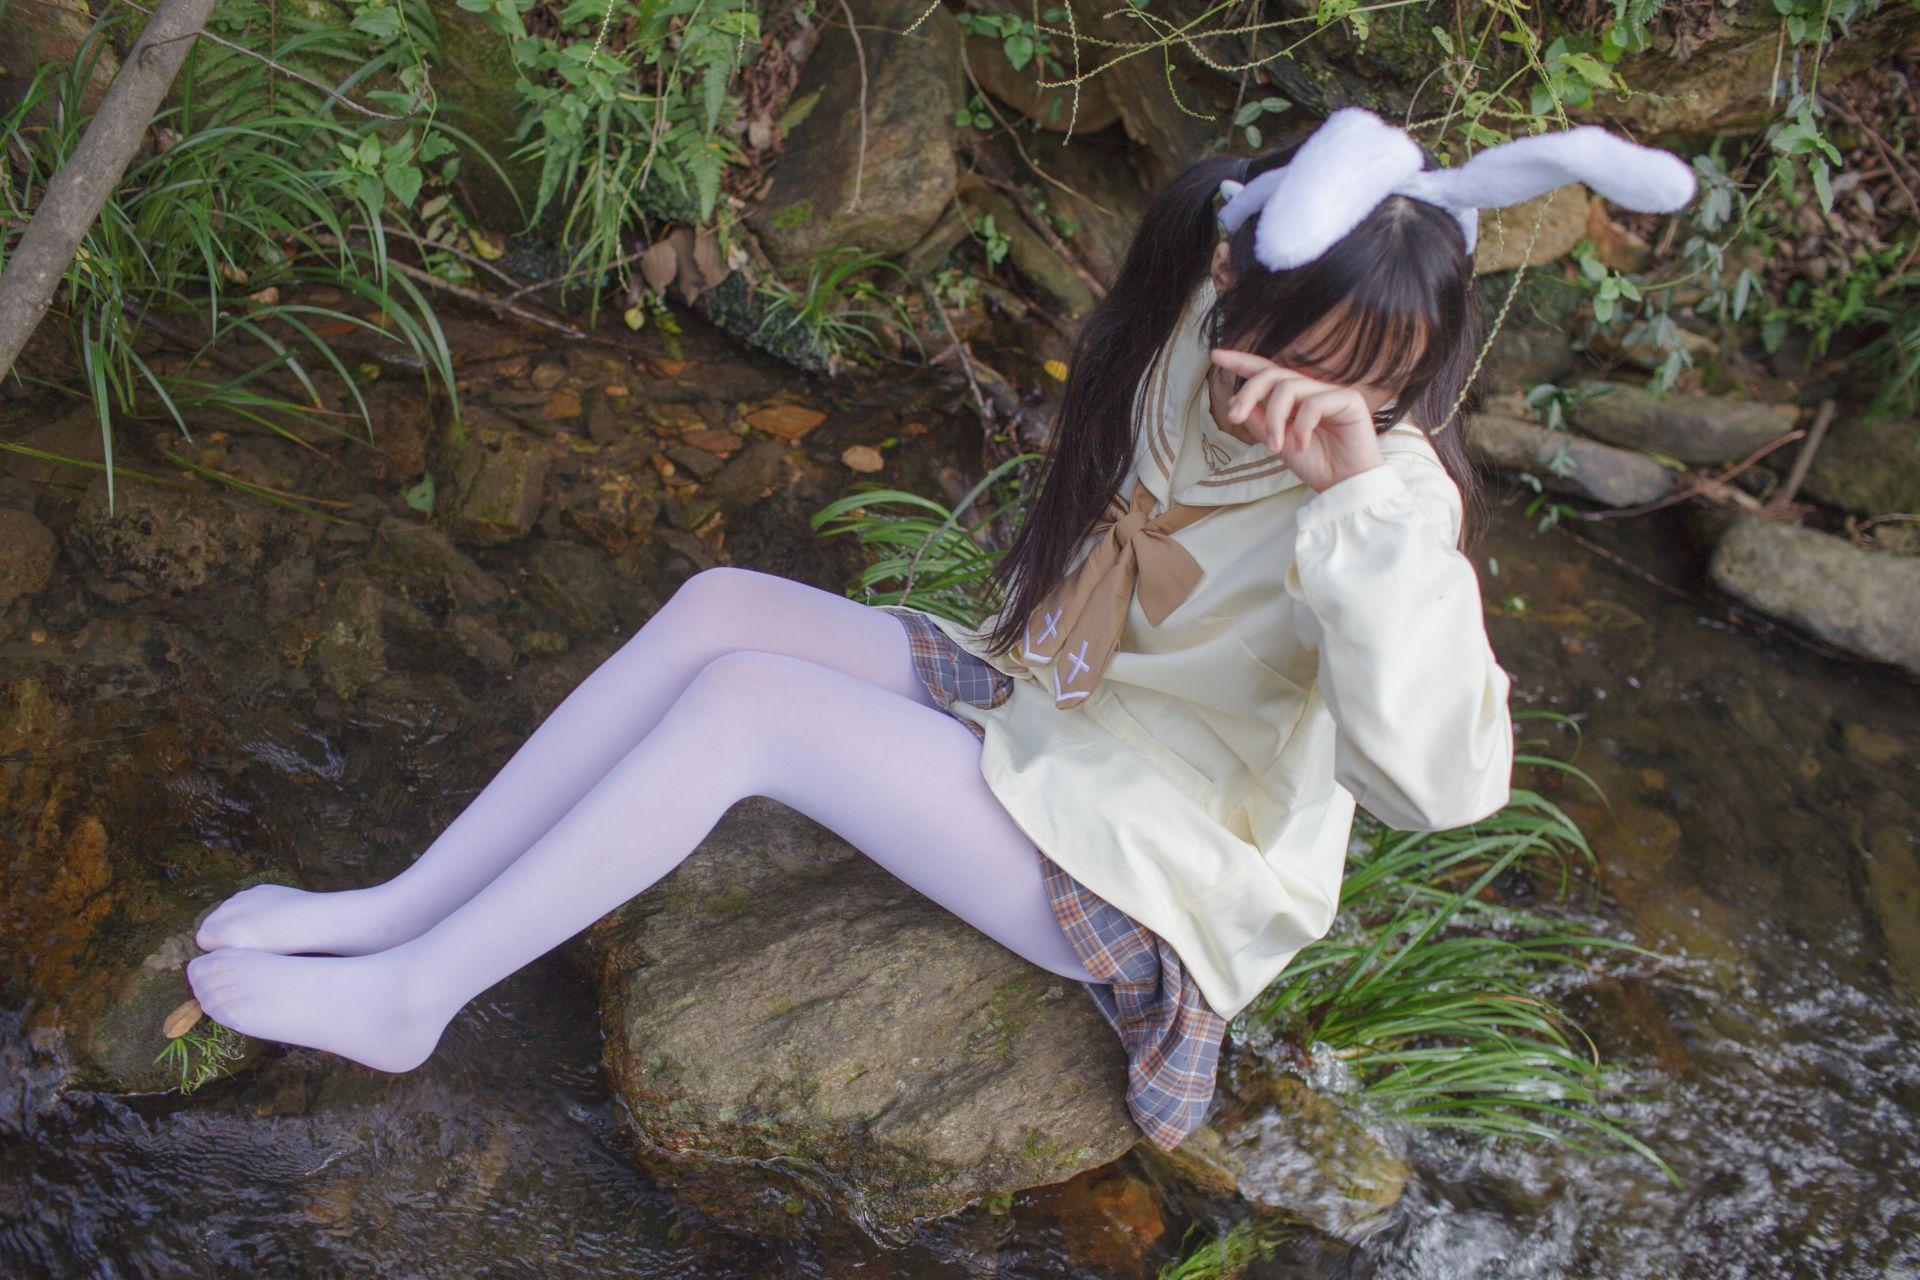 少女秩序 EXVOL.02 白丝户外 活捉野外小姐姐 兔玩映画 第33张